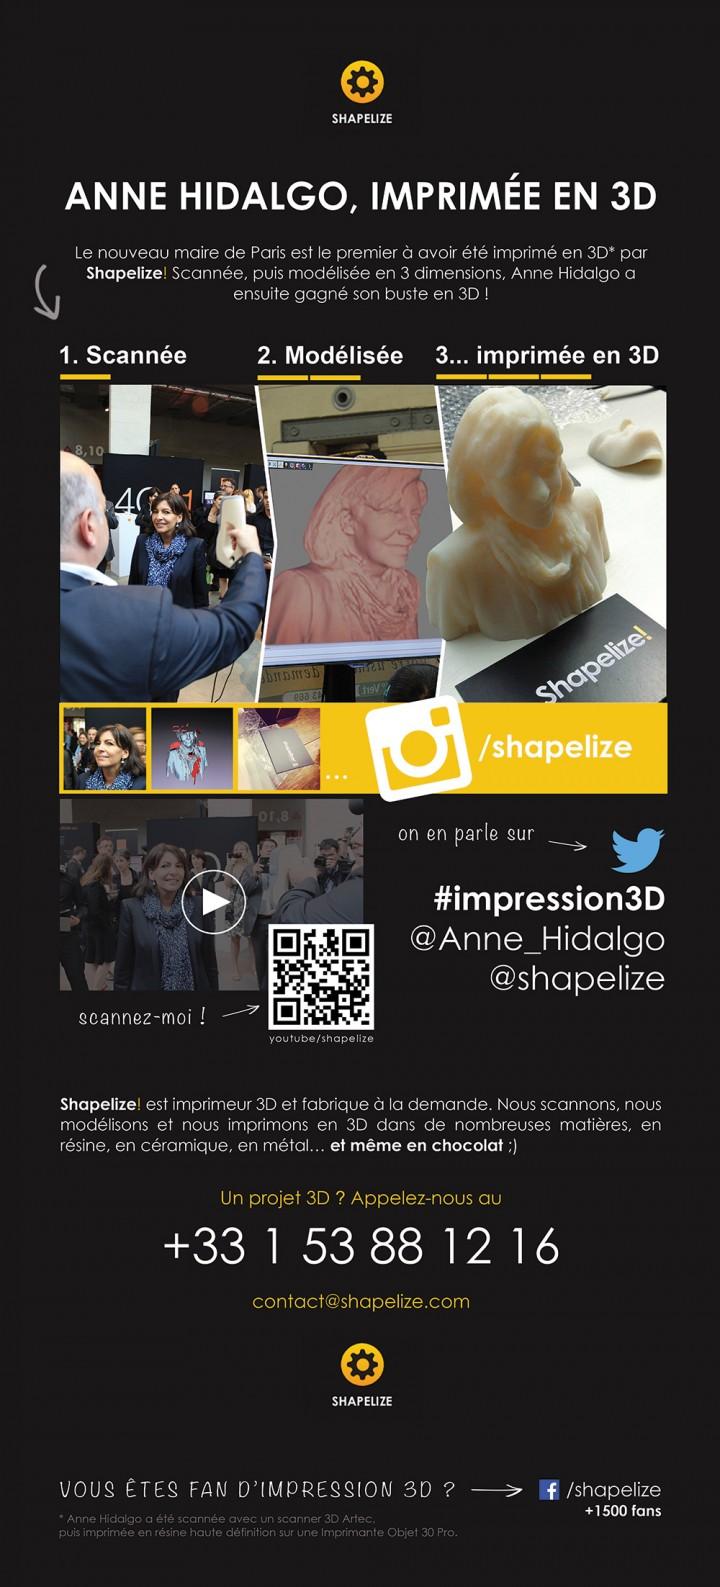 infographie impression 3d anne hidalgo shapelize